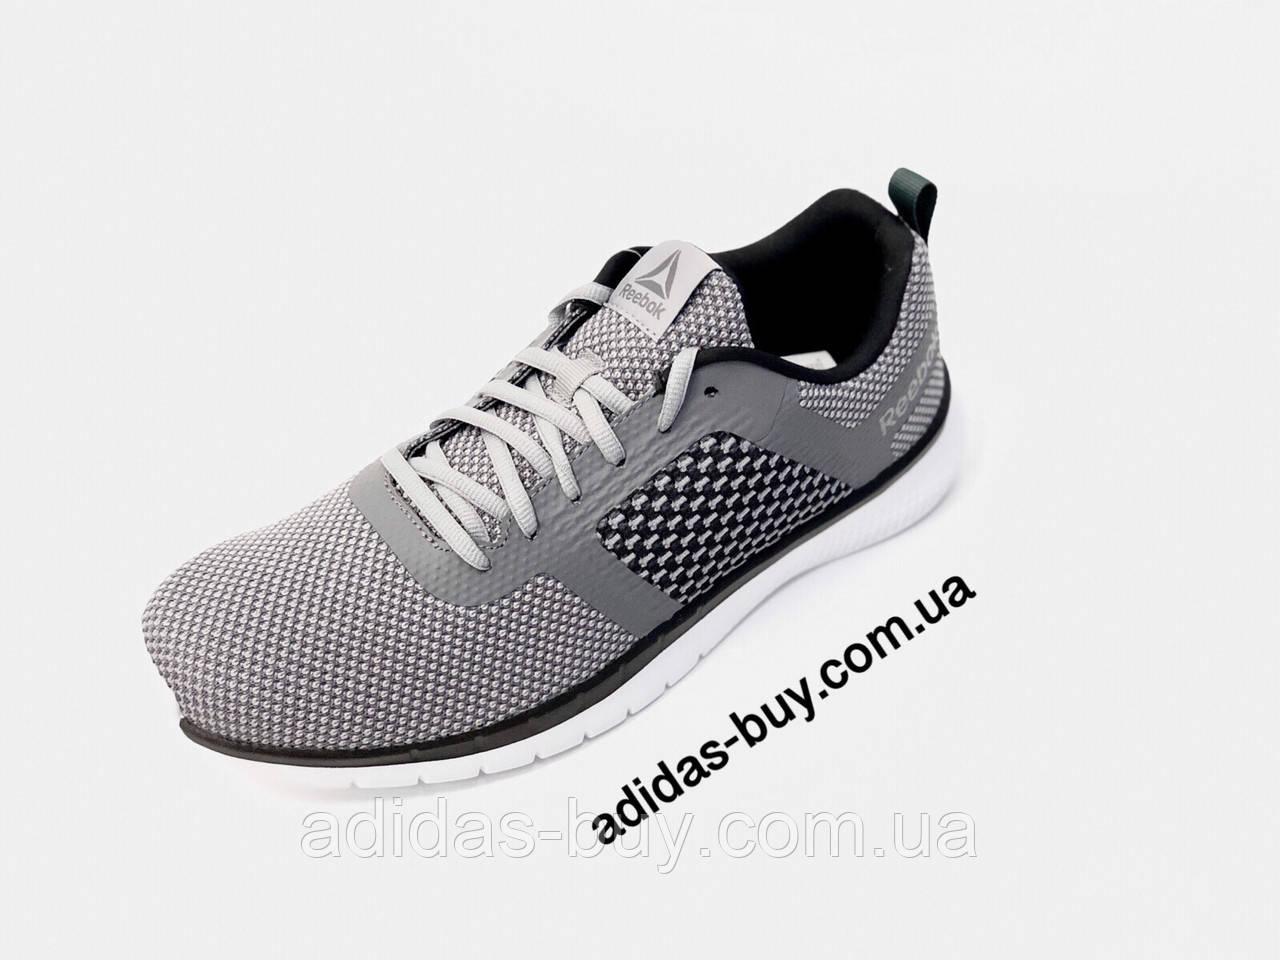 Кроссовки мужские Reebok PT PRIME RUNNER FC CN5675 оригинальные цвет: серый